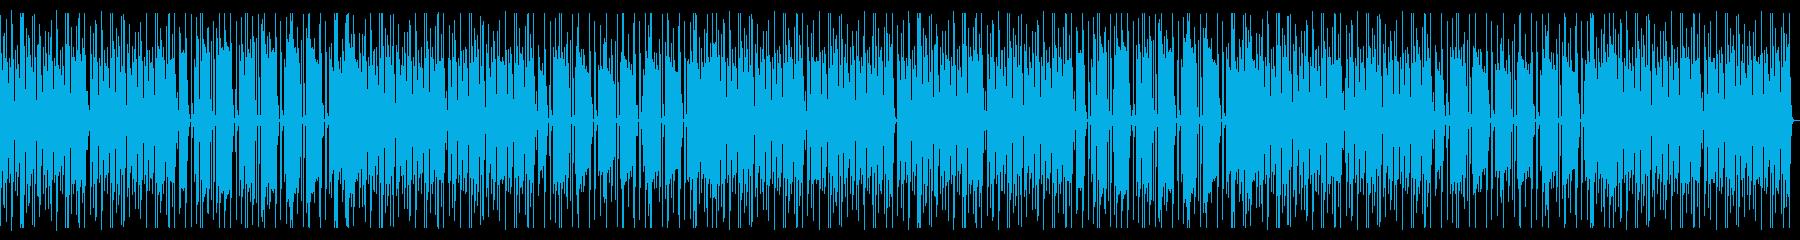 優しい音色のエレピのほんわか劇伴の再生済みの波形